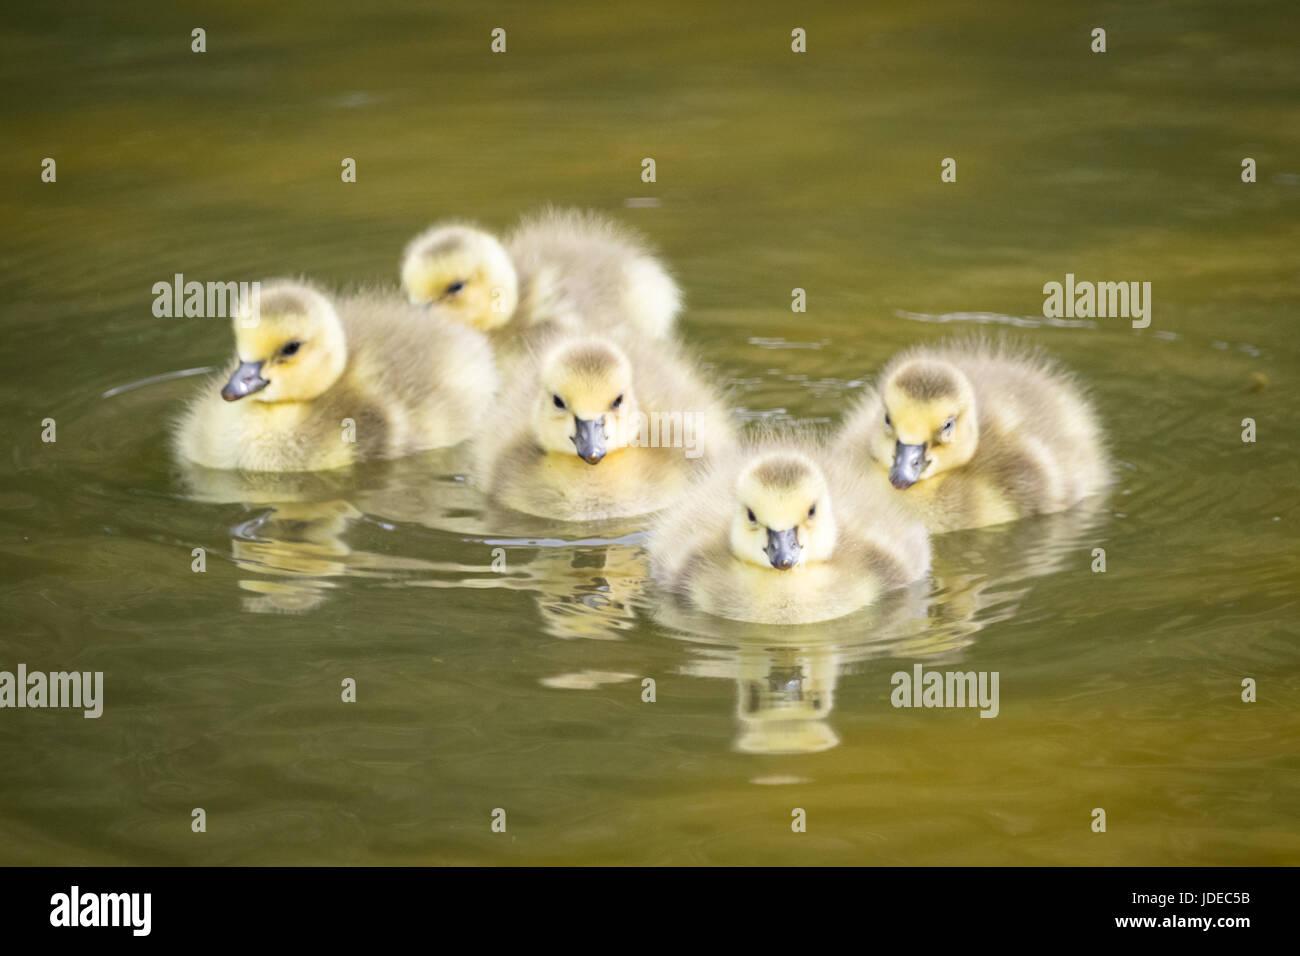 Cinq jours, des nouveau-nés, les oisons bernache du Canada (Branta canadensis) natation dans un étang. Photo Stock